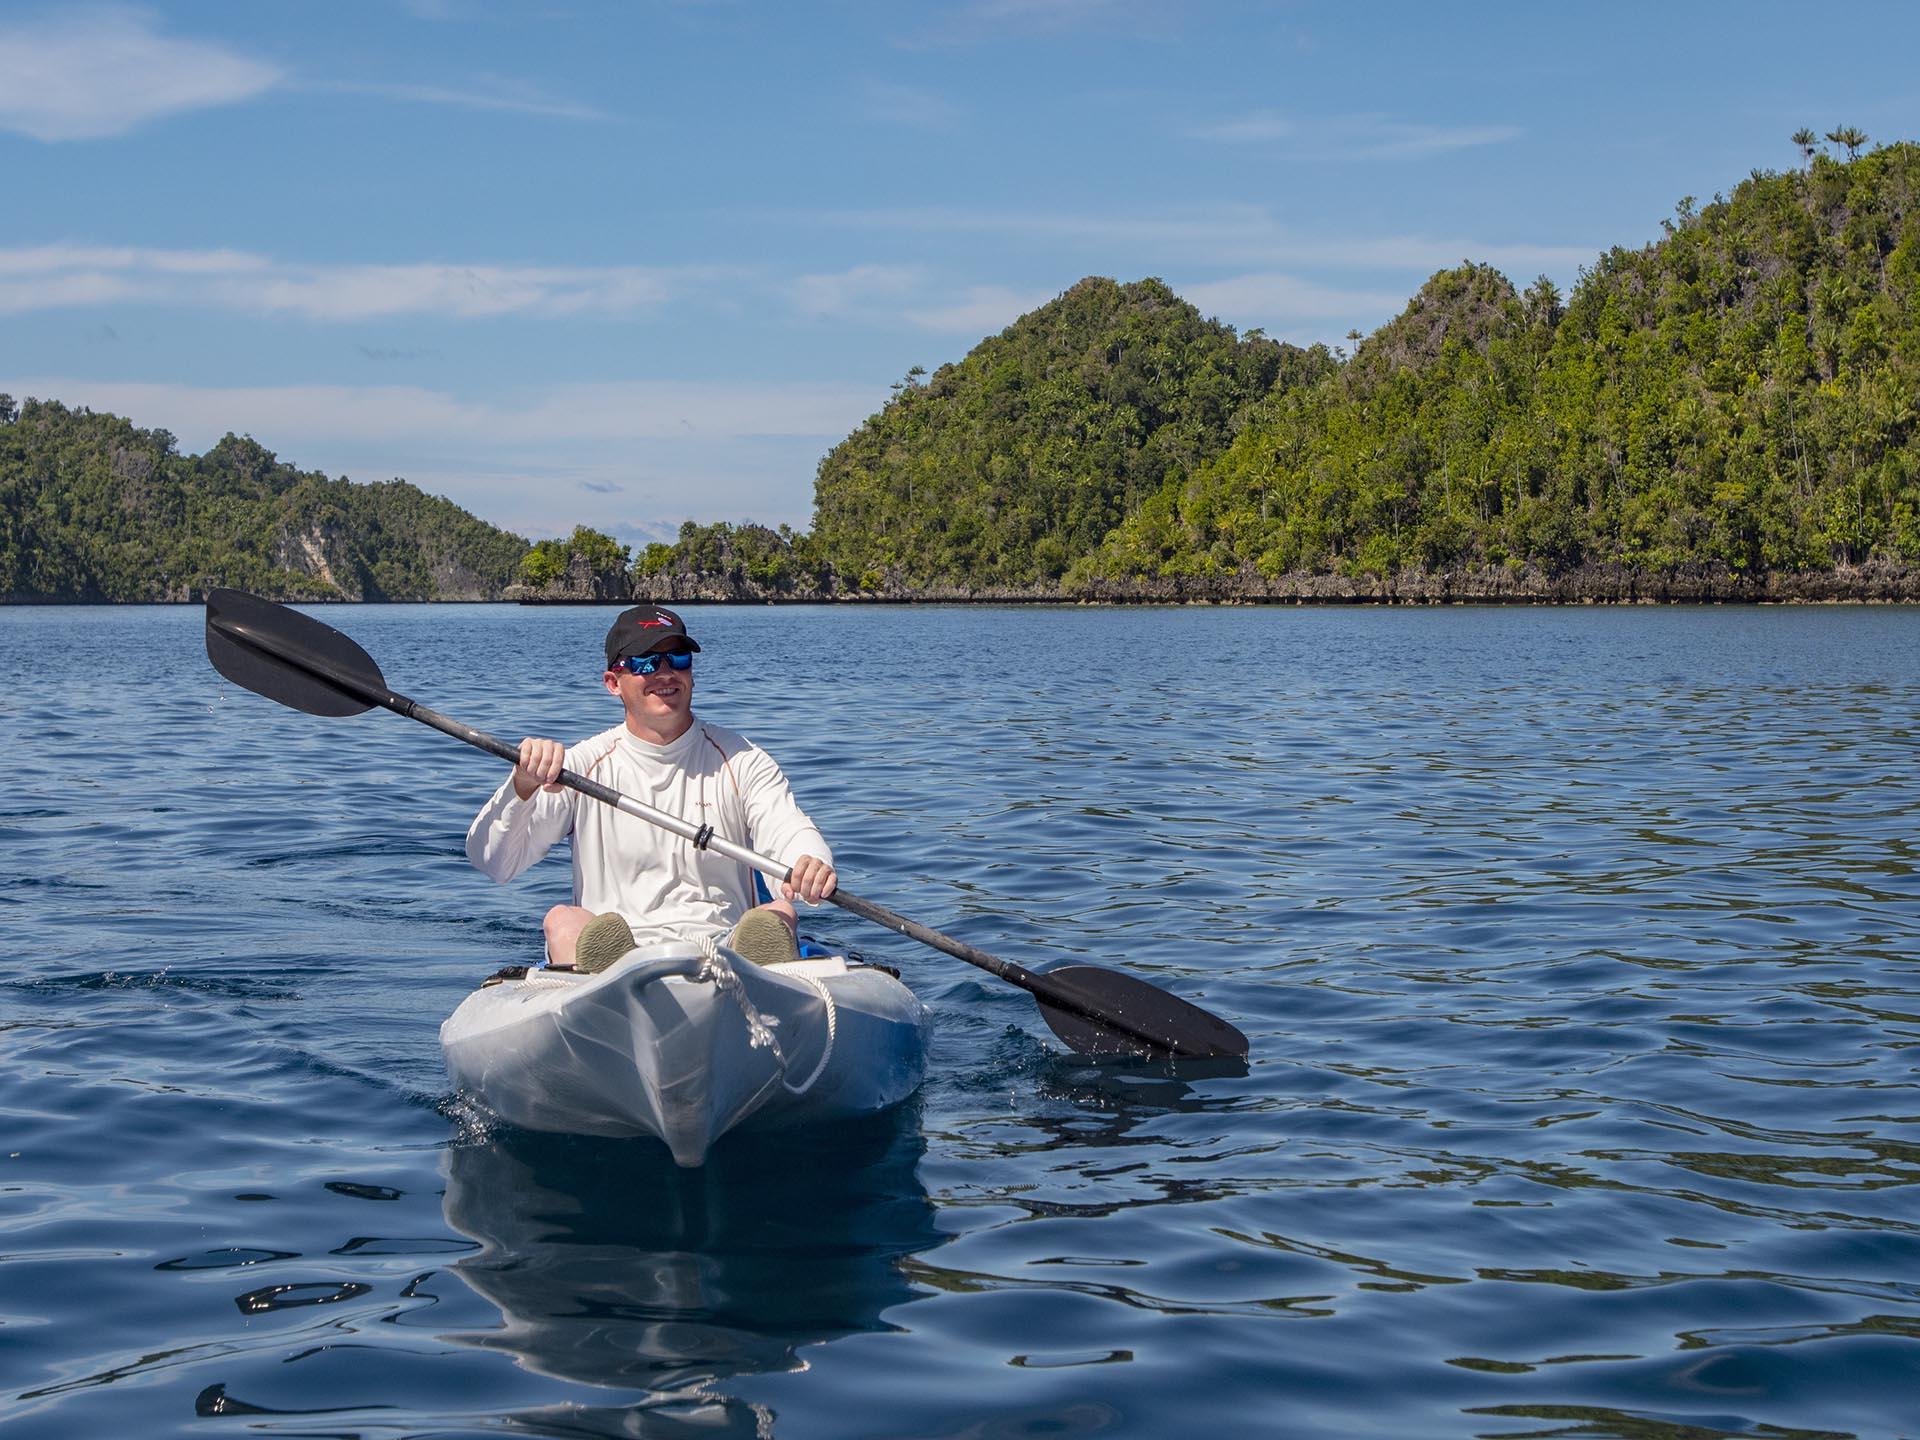 guest kayaking in Raja Ampat